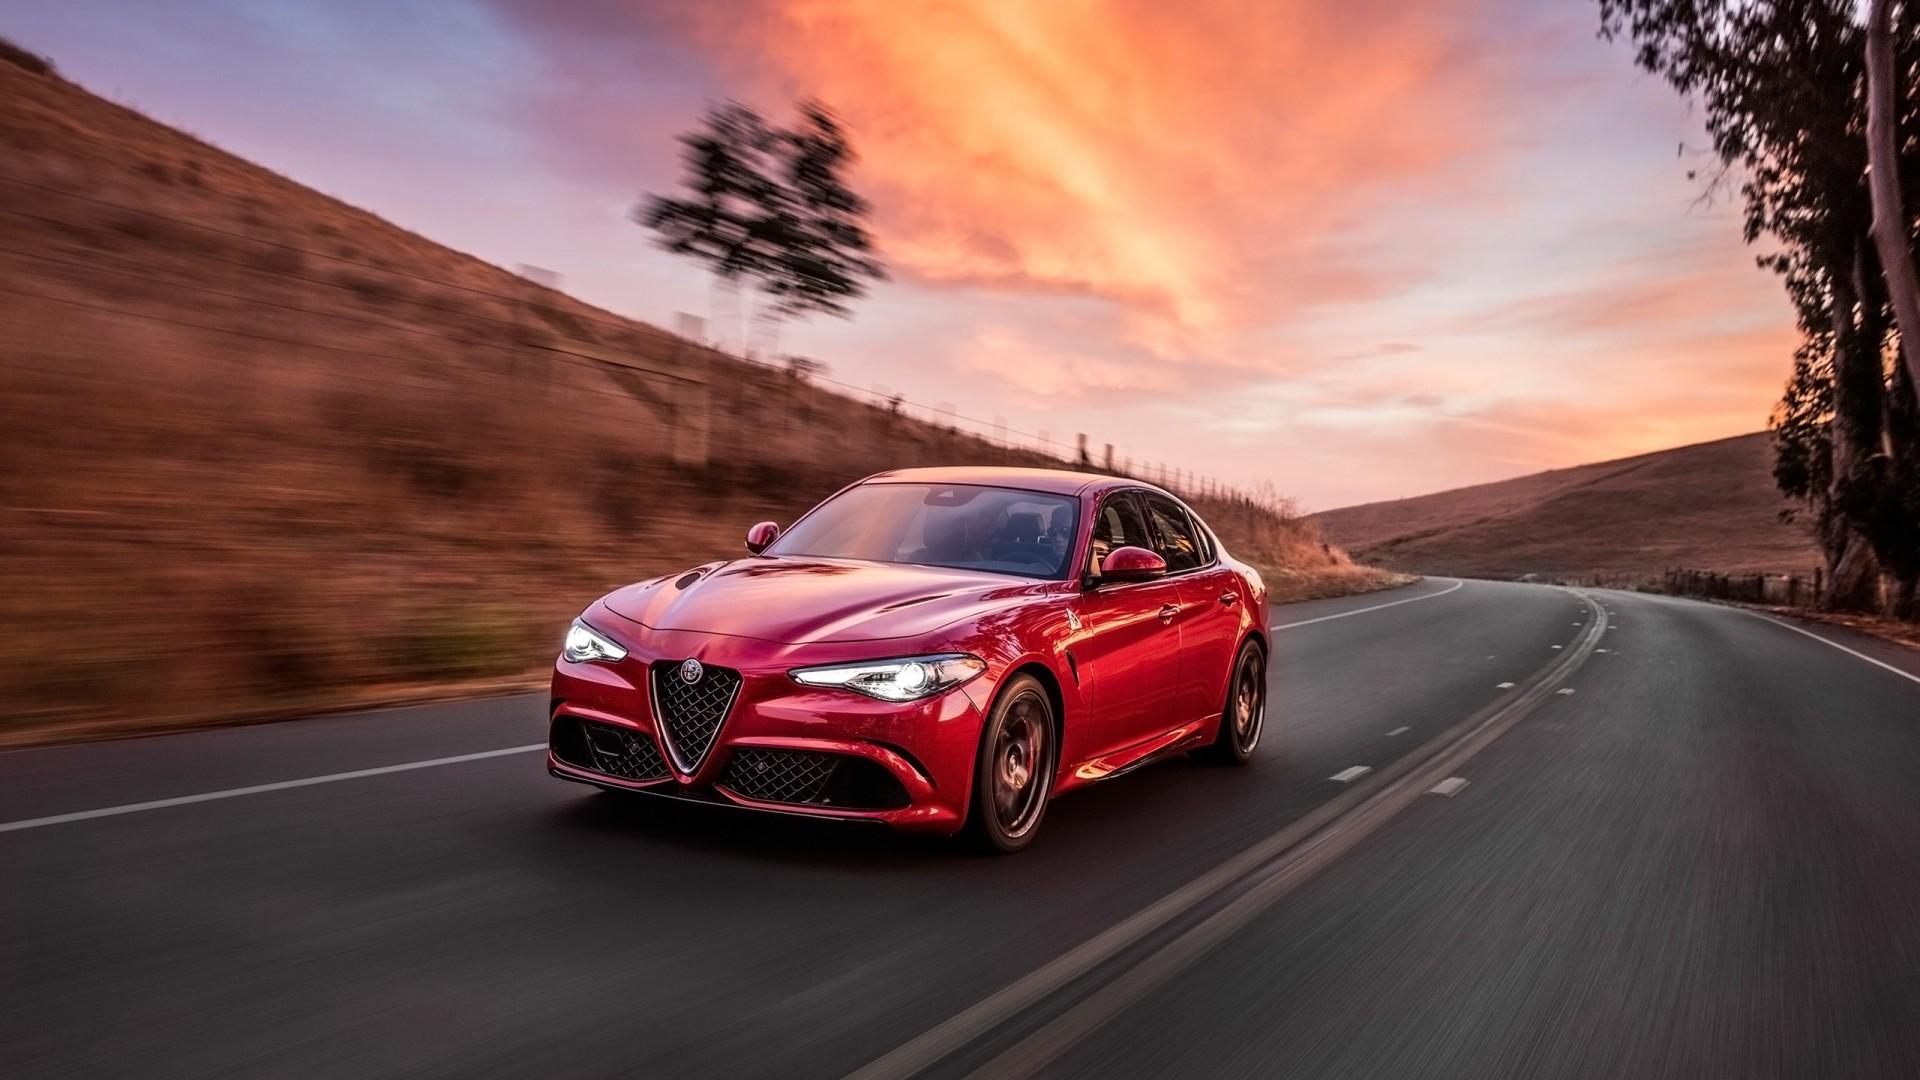 Alfa Romeo Disco Volante >> 2017 Alfa Romeo Giulia Quadrifoglio Wallpaper | HD Car ...